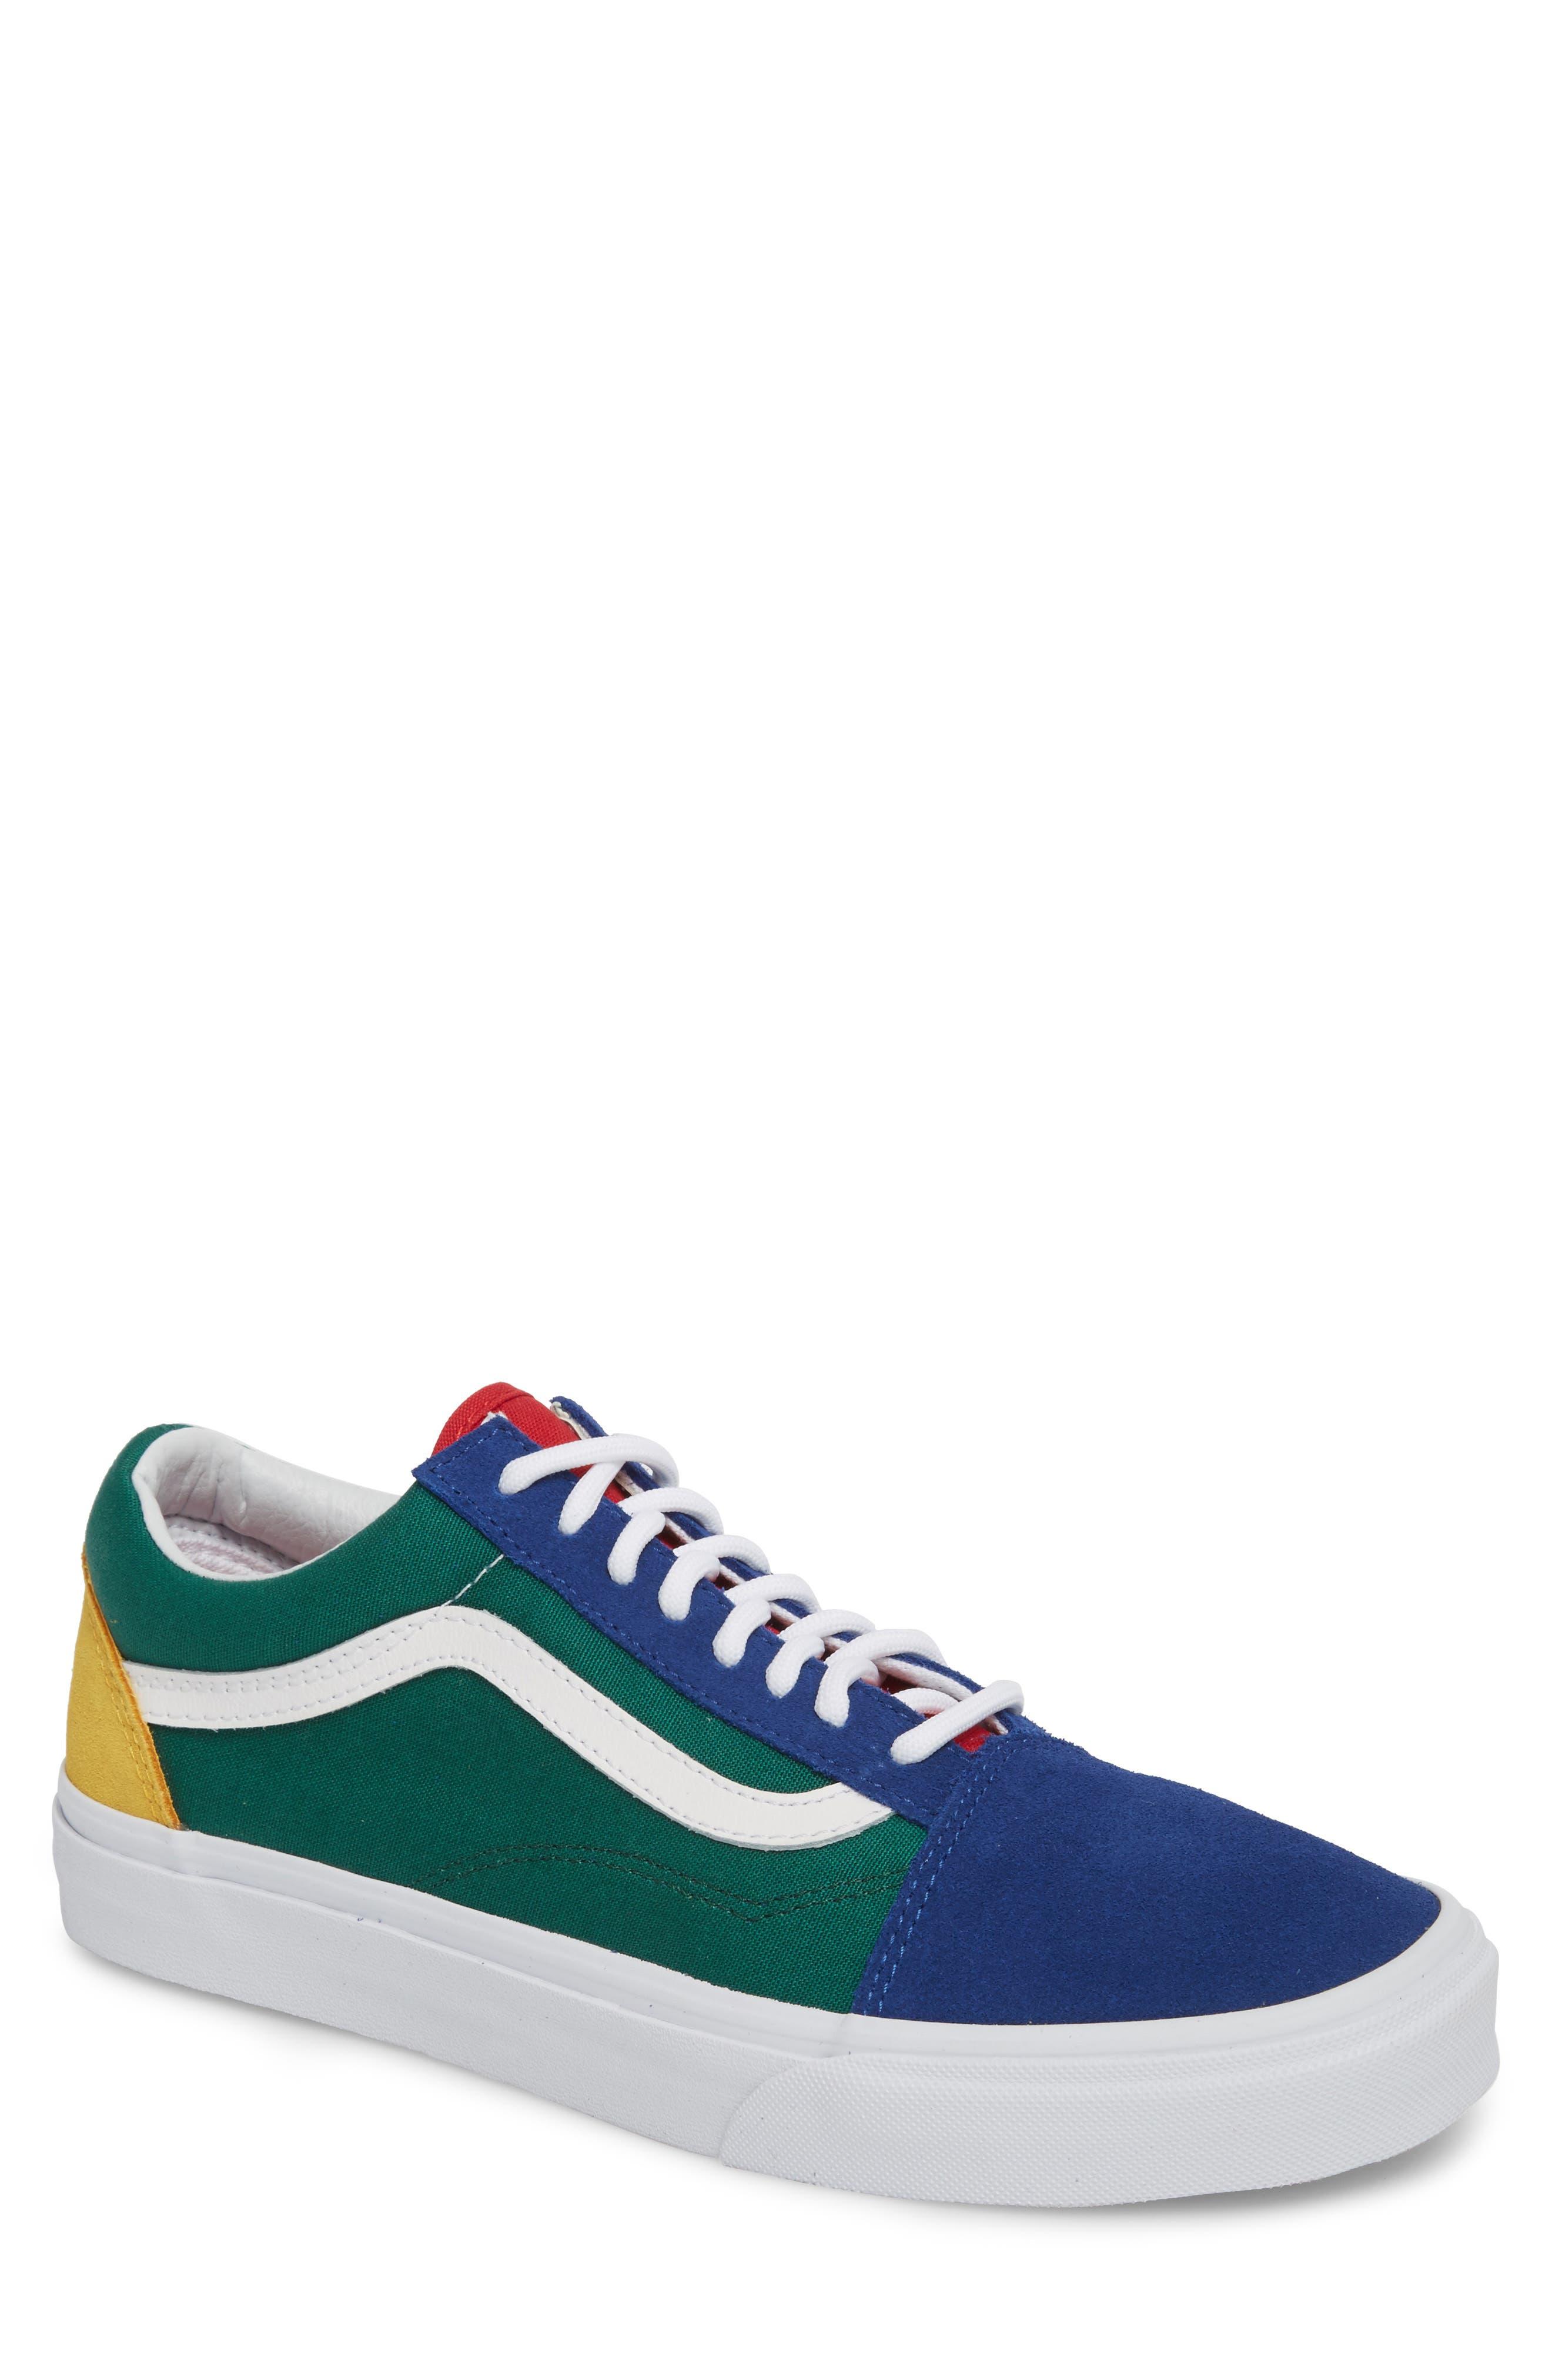 Yacht Club Old Skool Sneaker, Main, color, 300